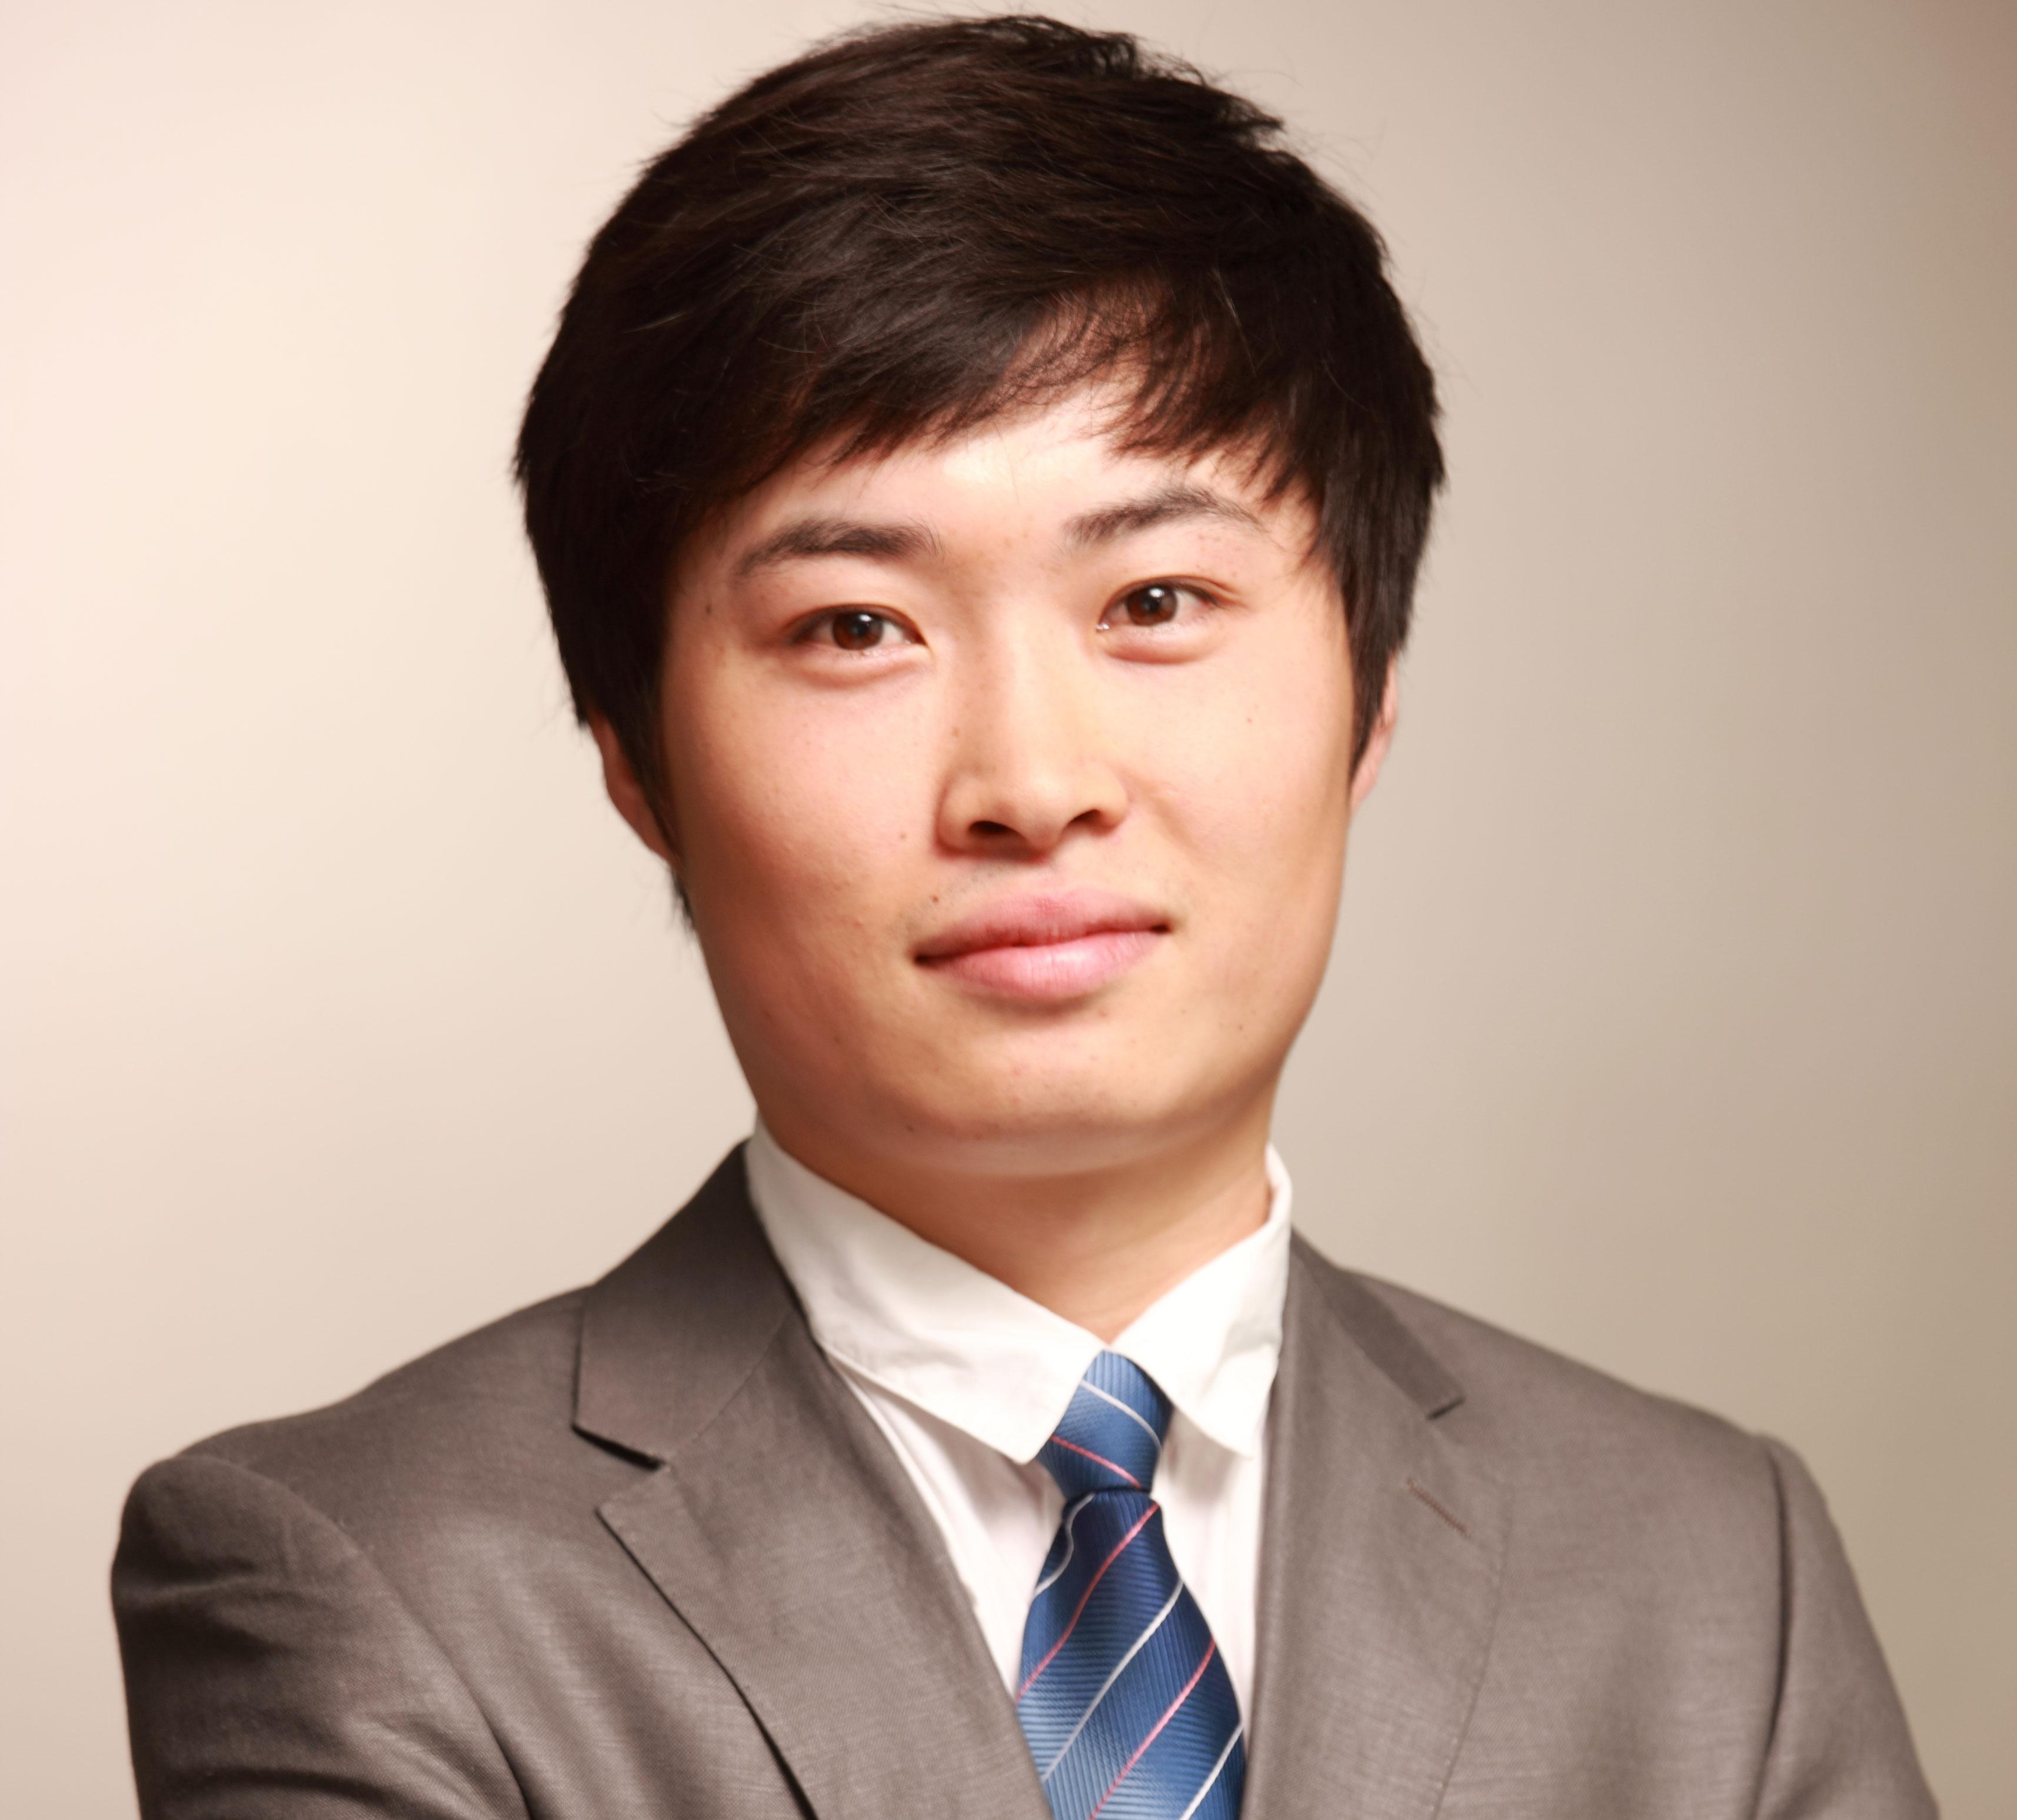 刘亚军:集团副总经理/董事长助理